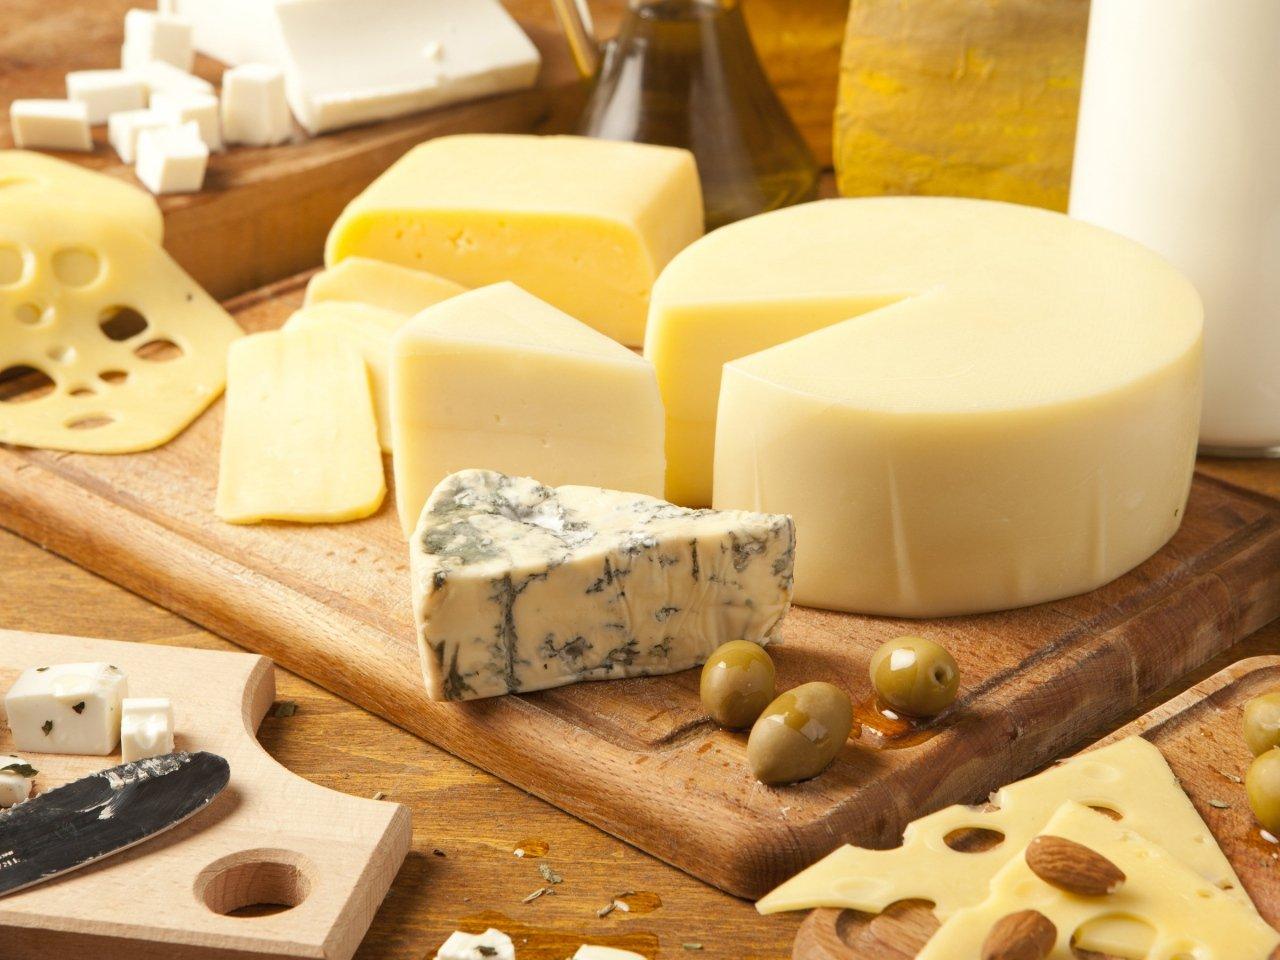 「チーズ」の画像検索結果